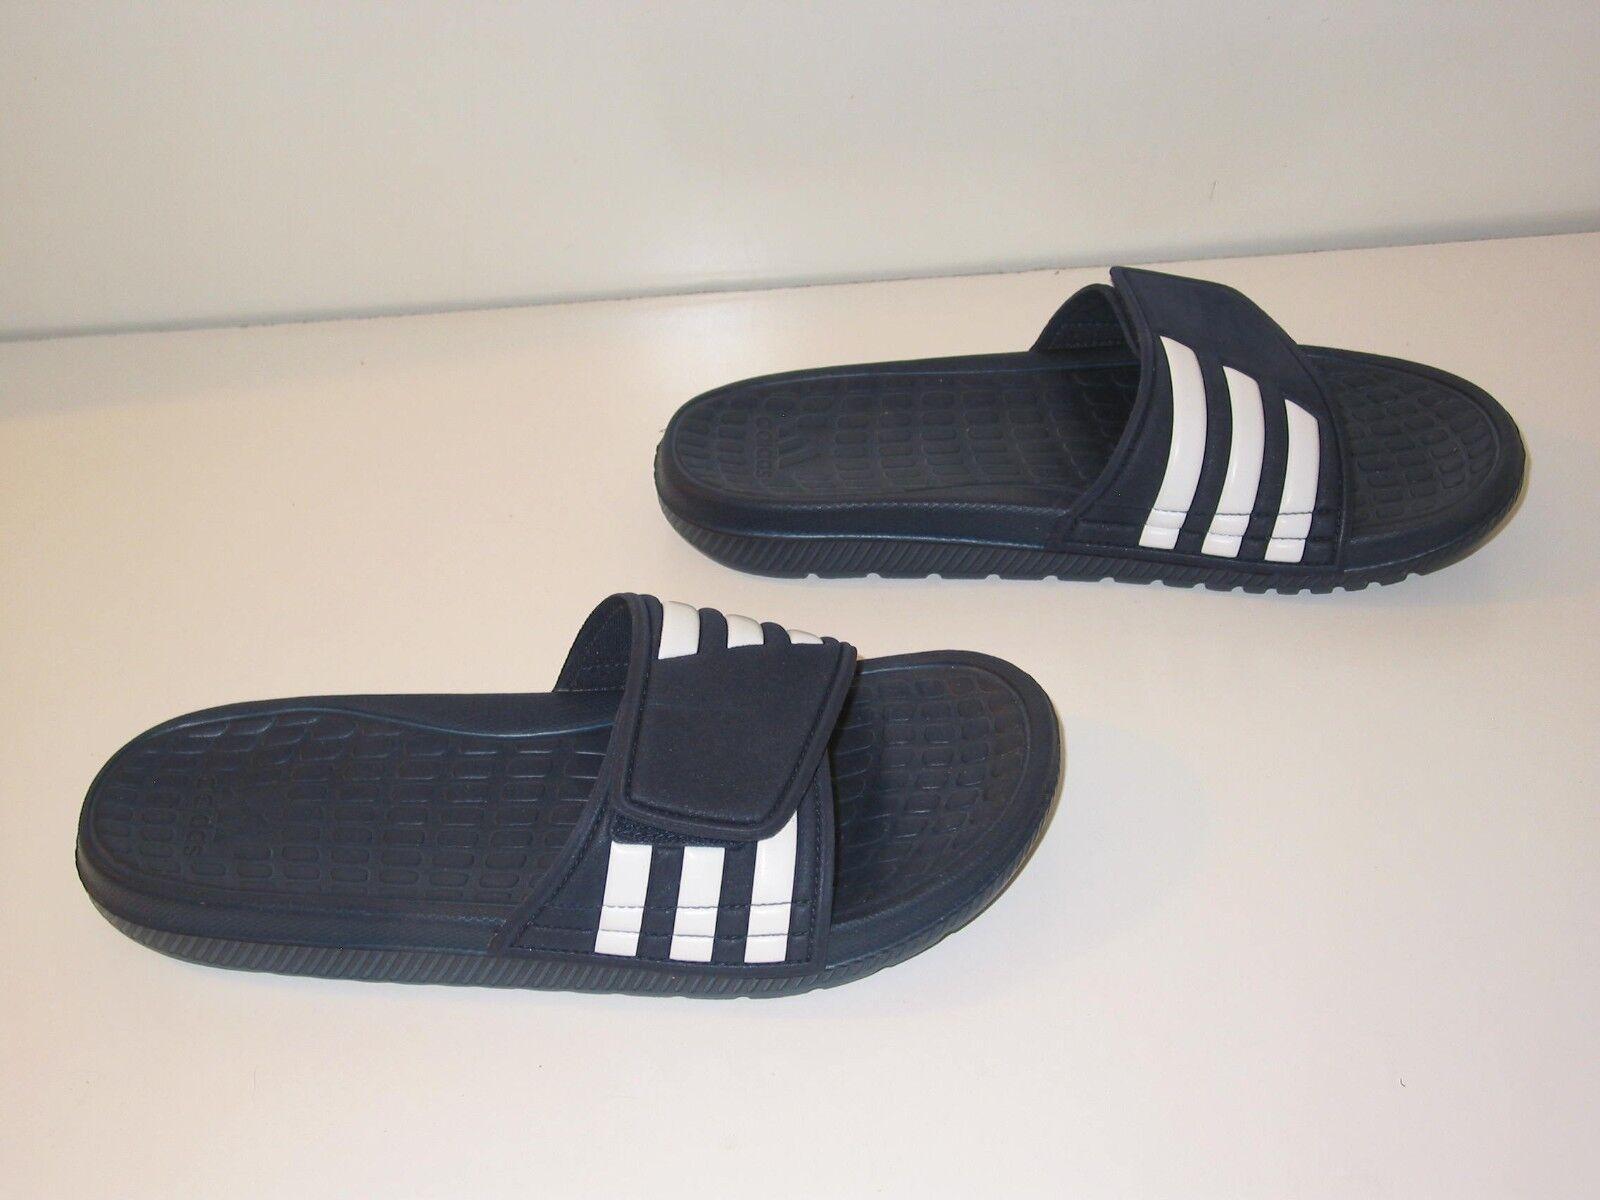 e239430cf2b6d adidas Alquo Team Custom Slides Sandals Flip Flops Navy   White ...